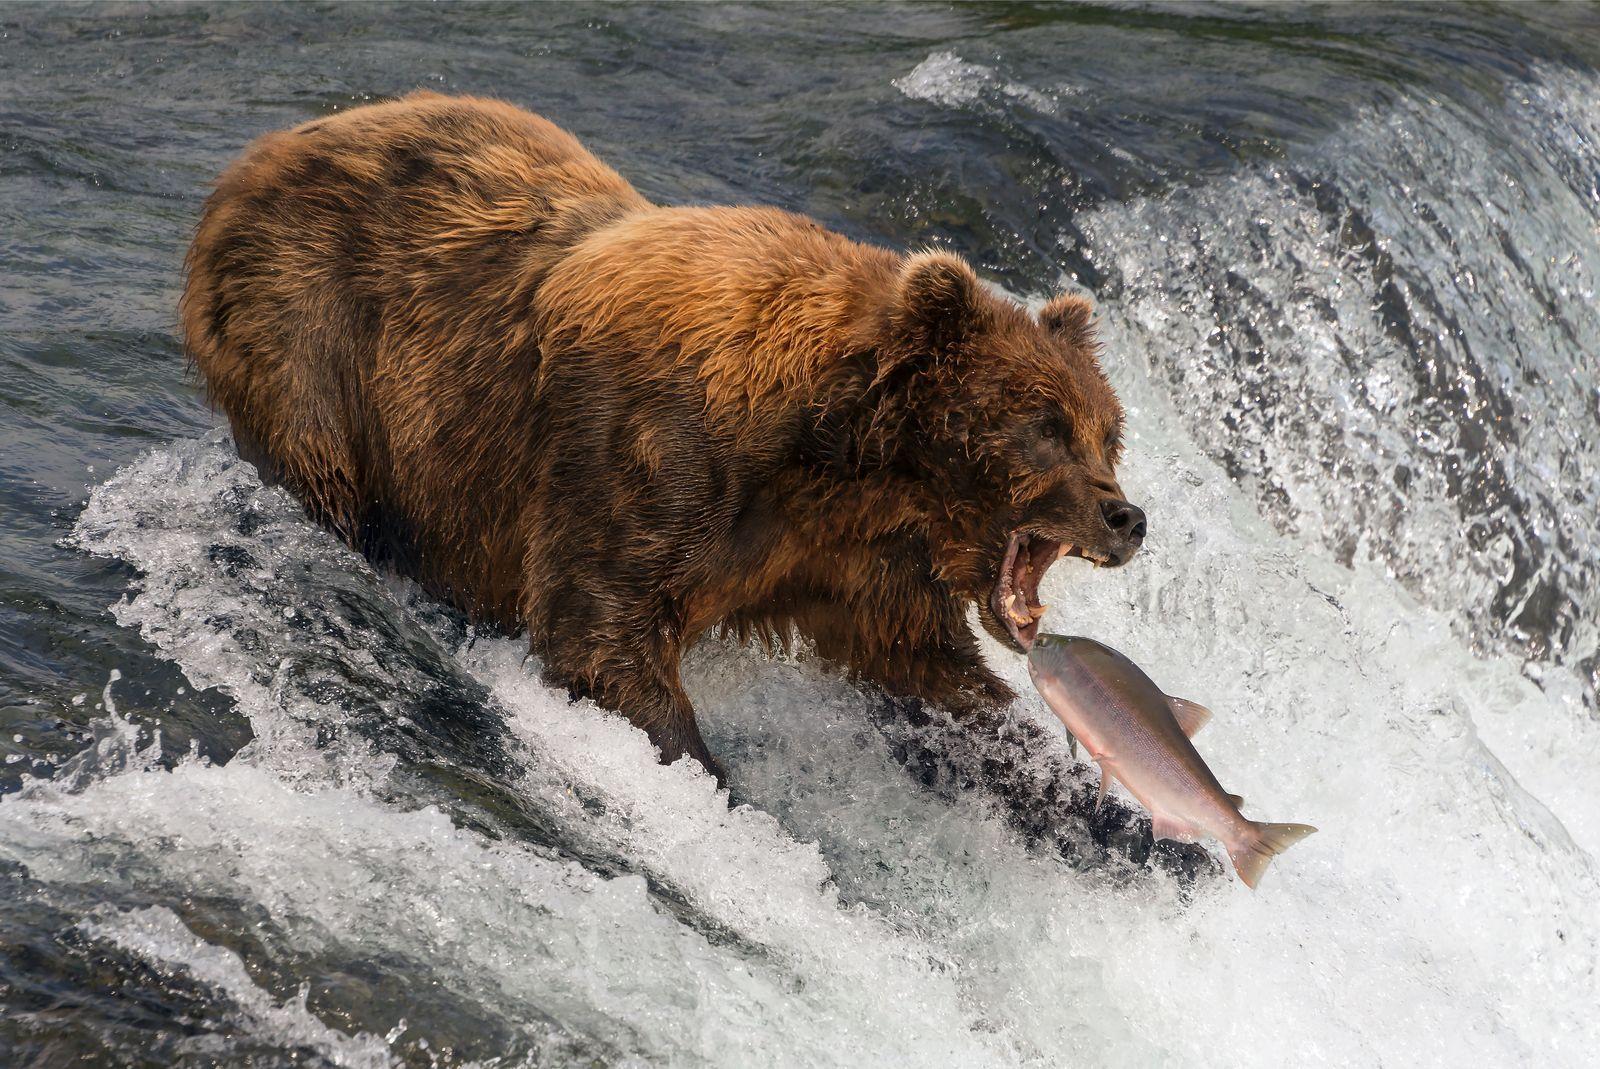 Oso a punto de comerse un salmón